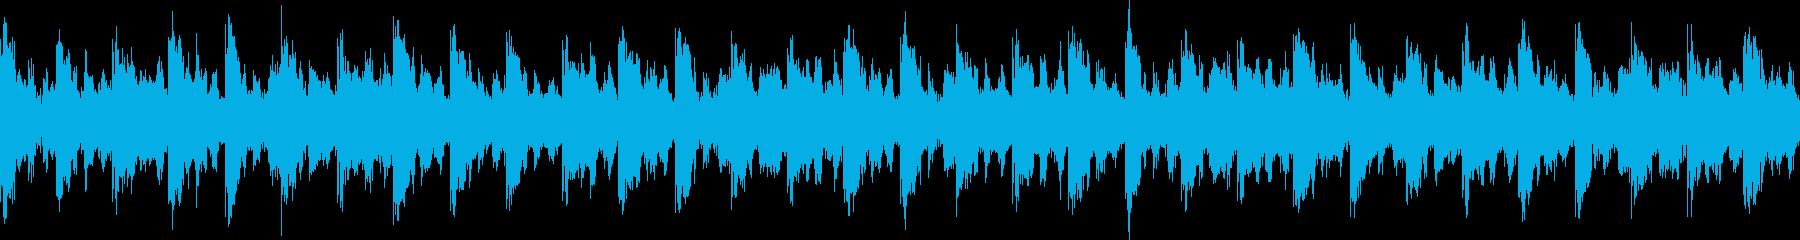 クールテクノの再生済みの波形